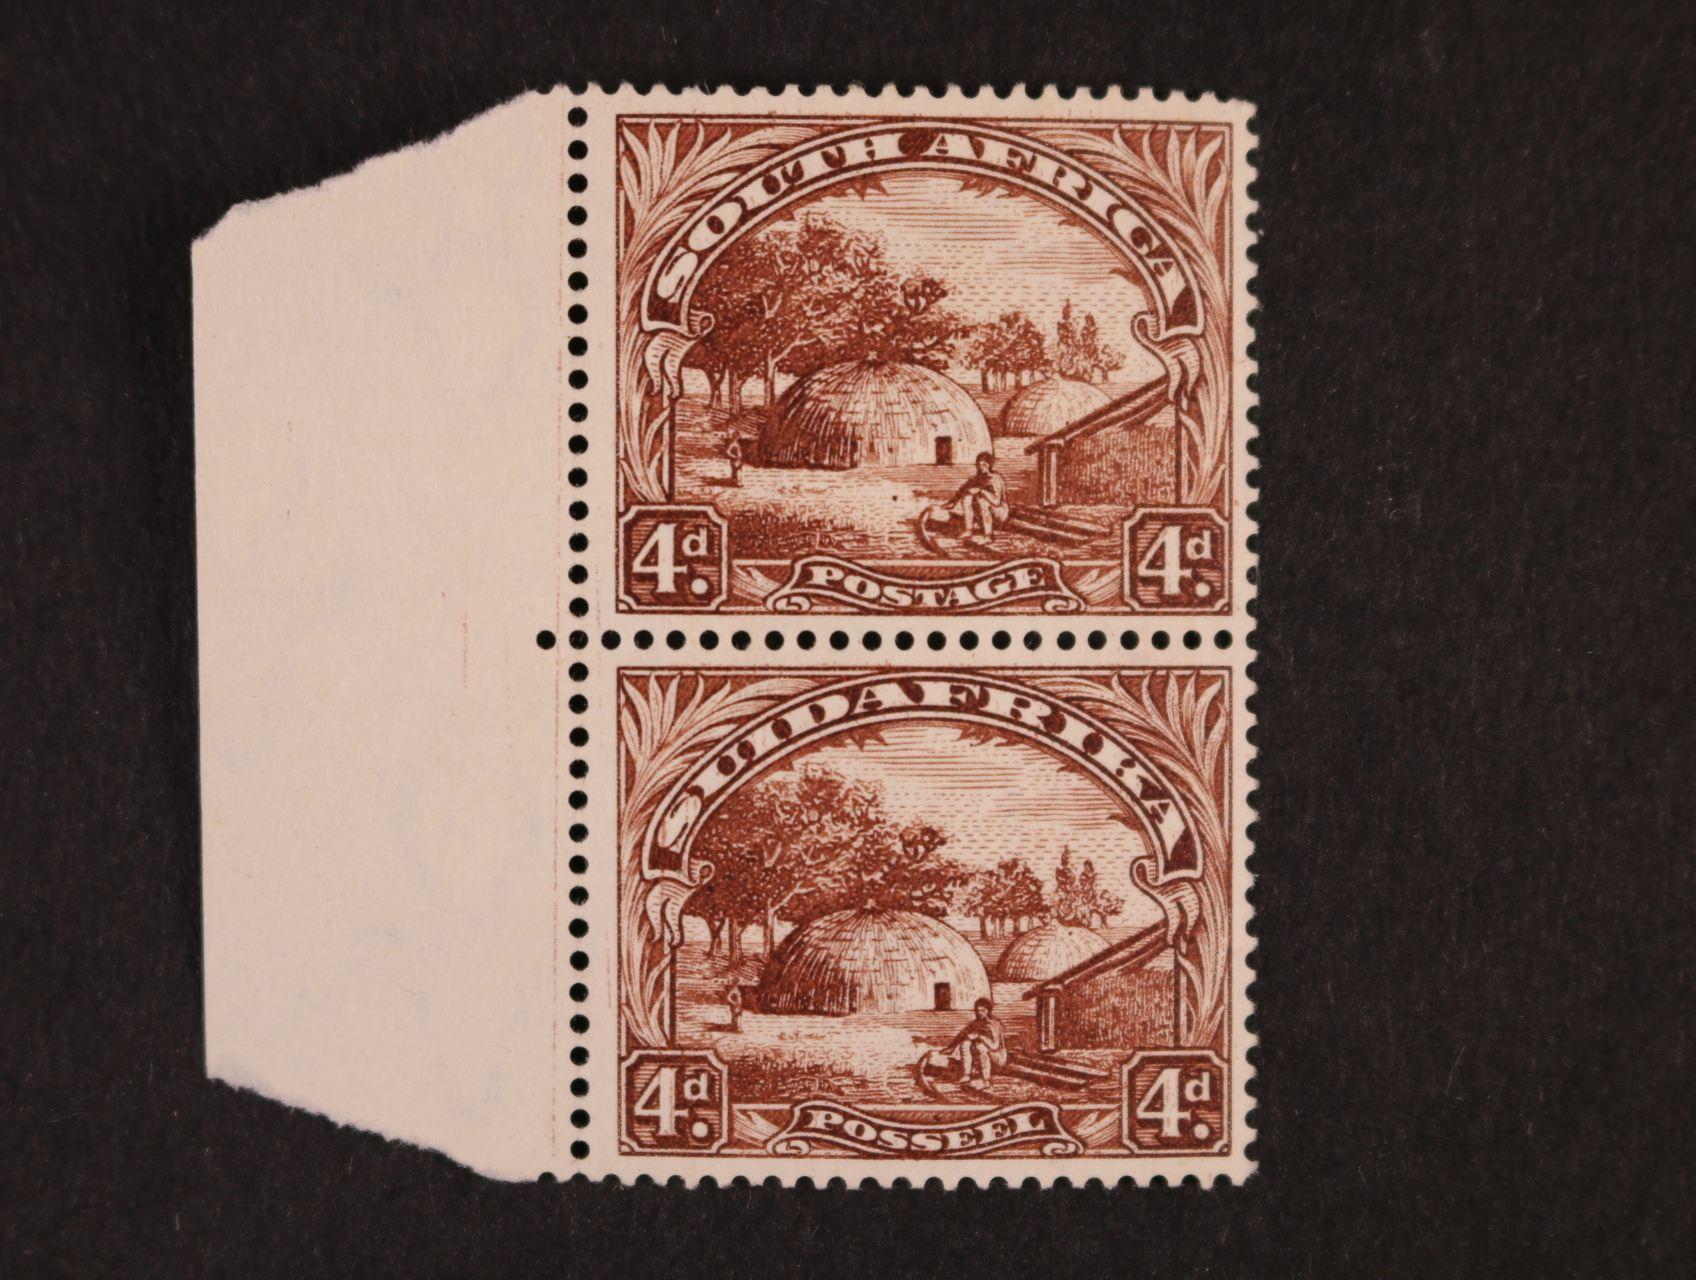 Jižní Afrika - zn. Mi. č. 33 + 34 v soutisku ve svislé dvoupásce s levým okrajem